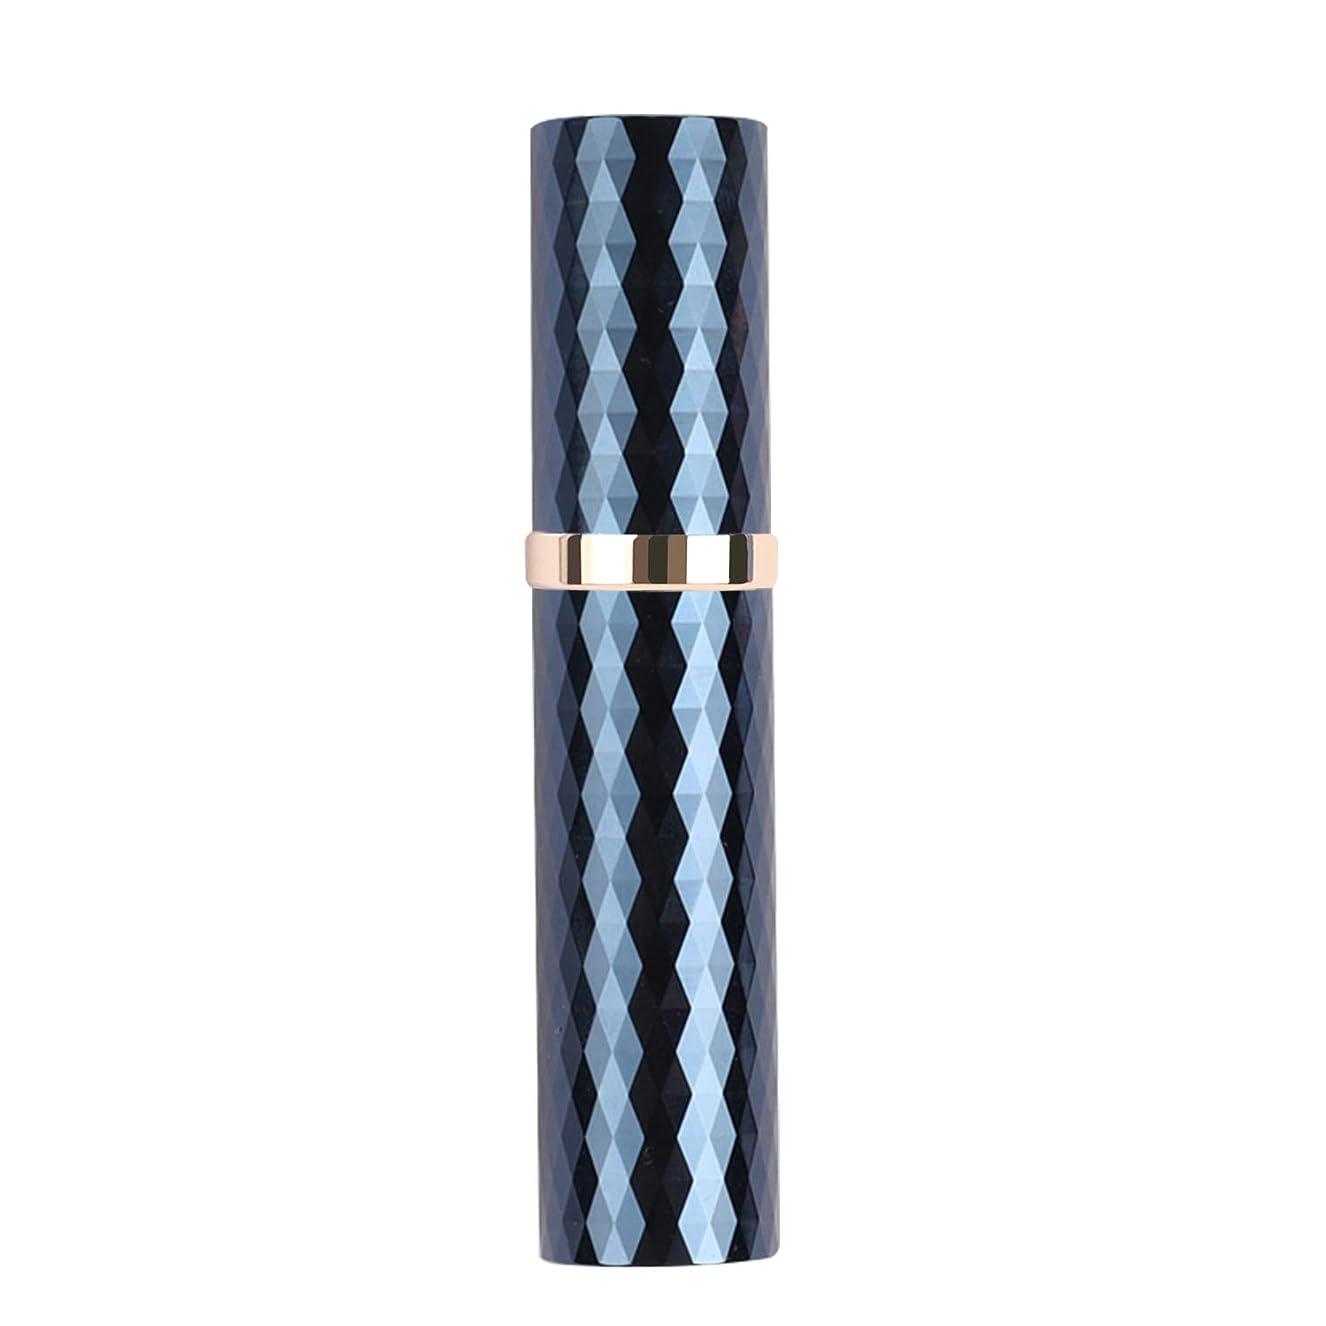 情緒的大学生すり減るMOOMU アトマイザー 香水スプレー 噴霧器 詰め替え容器 底部充填方式 携帯用5ml (ブルー DarkBlue)